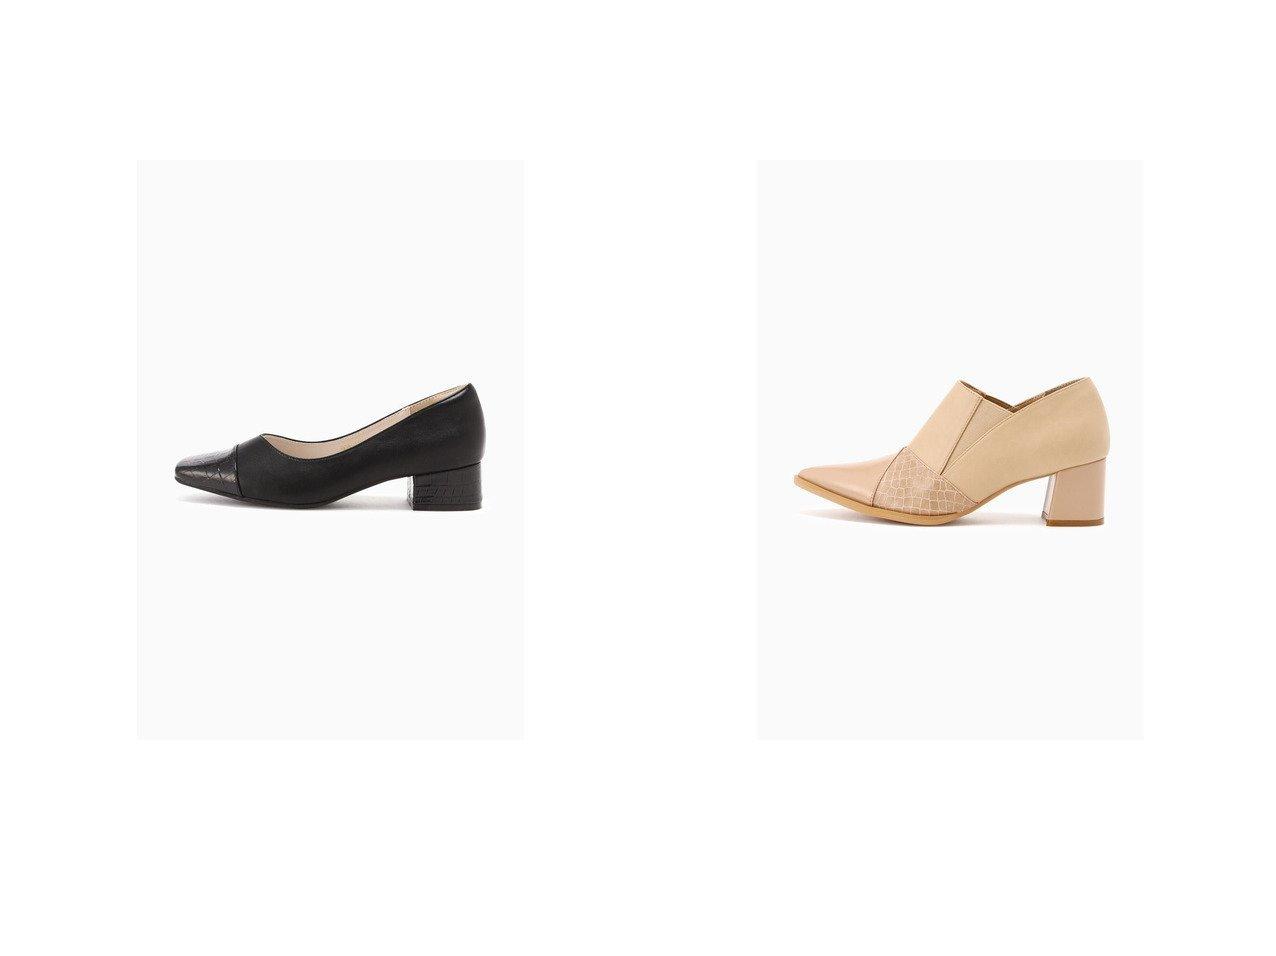 【ROSE BUD/ローズバッド】のバイカラーフラットシューズ&異素材切り替えアンクルブーツ 【シューズ・靴】おすすめ!人気トレンド・レディースファッション通販 おすすめで人気の流行・トレンド、ファッションの通販商品 インテリア・家具・メンズファッション・キッズファッション・レディースファッション・服の通販 founy(ファニー) https://founy.com/ ファッション Fashion レディースファッション WOMEN 2021年 2021 2021春夏・S/S SS/Spring/Summer/2021 S/S・春夏 SS・Spring/Summer クロコ シューズ フラット ワンポイント 春 Spring |ID:crp329100000046510